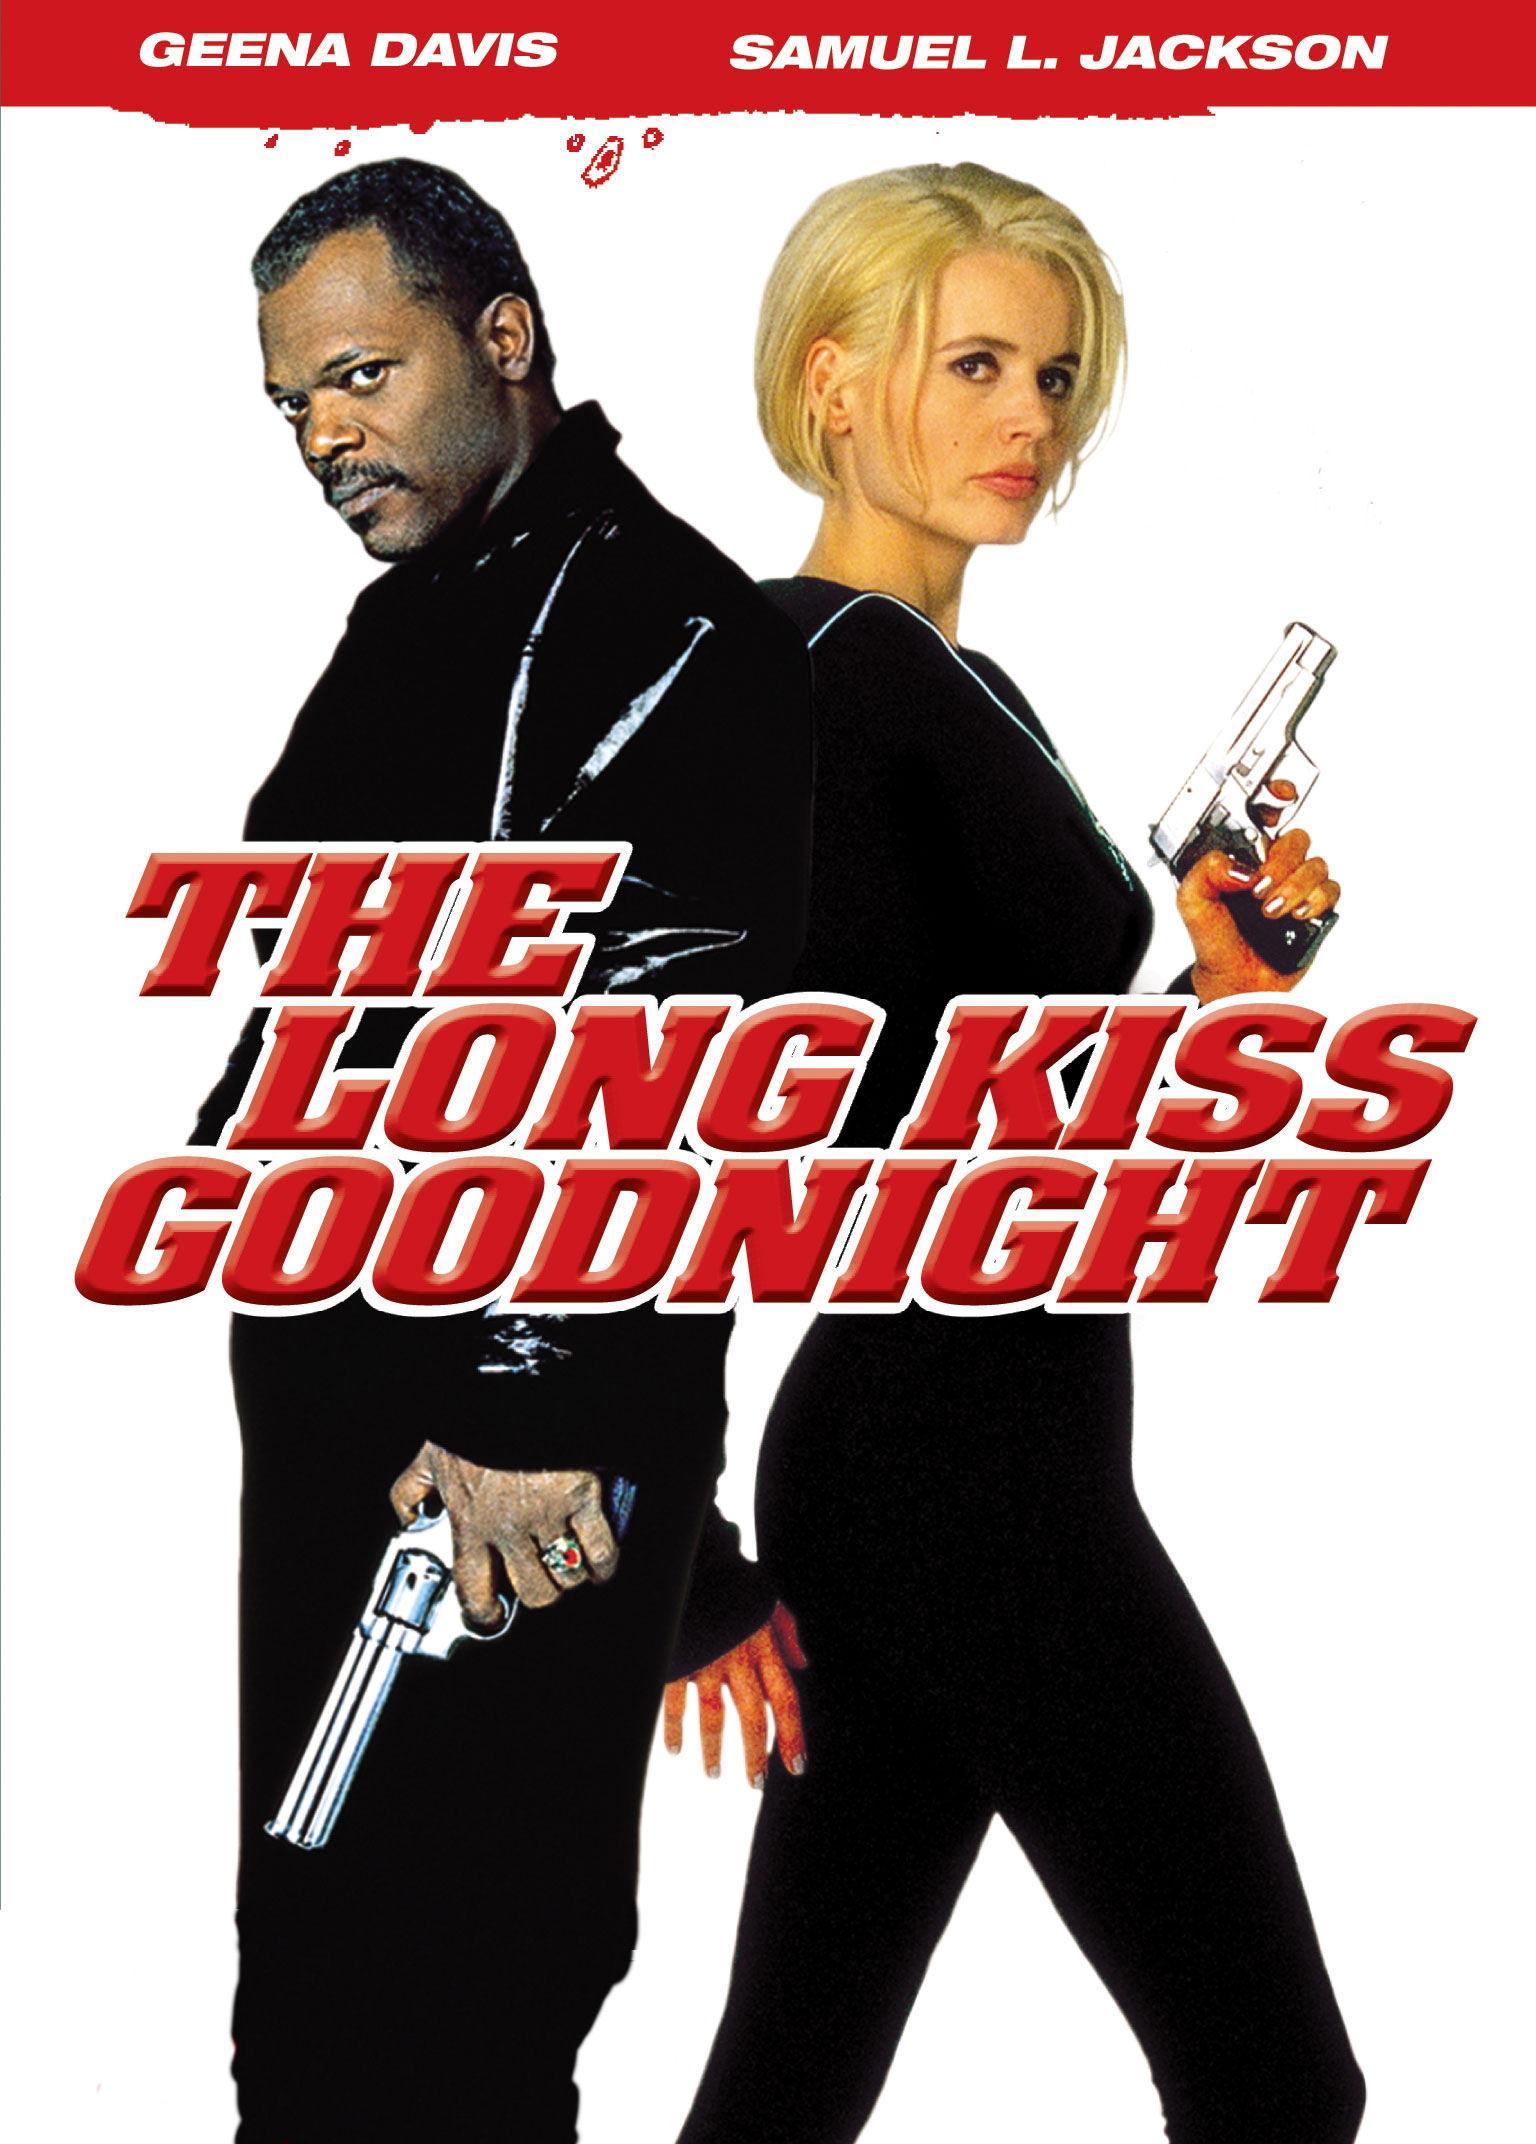 ხანგრძლივი კოცნა ძილის წინ (ქართულად) - The Long Kiss Goodnight / Долгий поцелуй на ночь (1996)